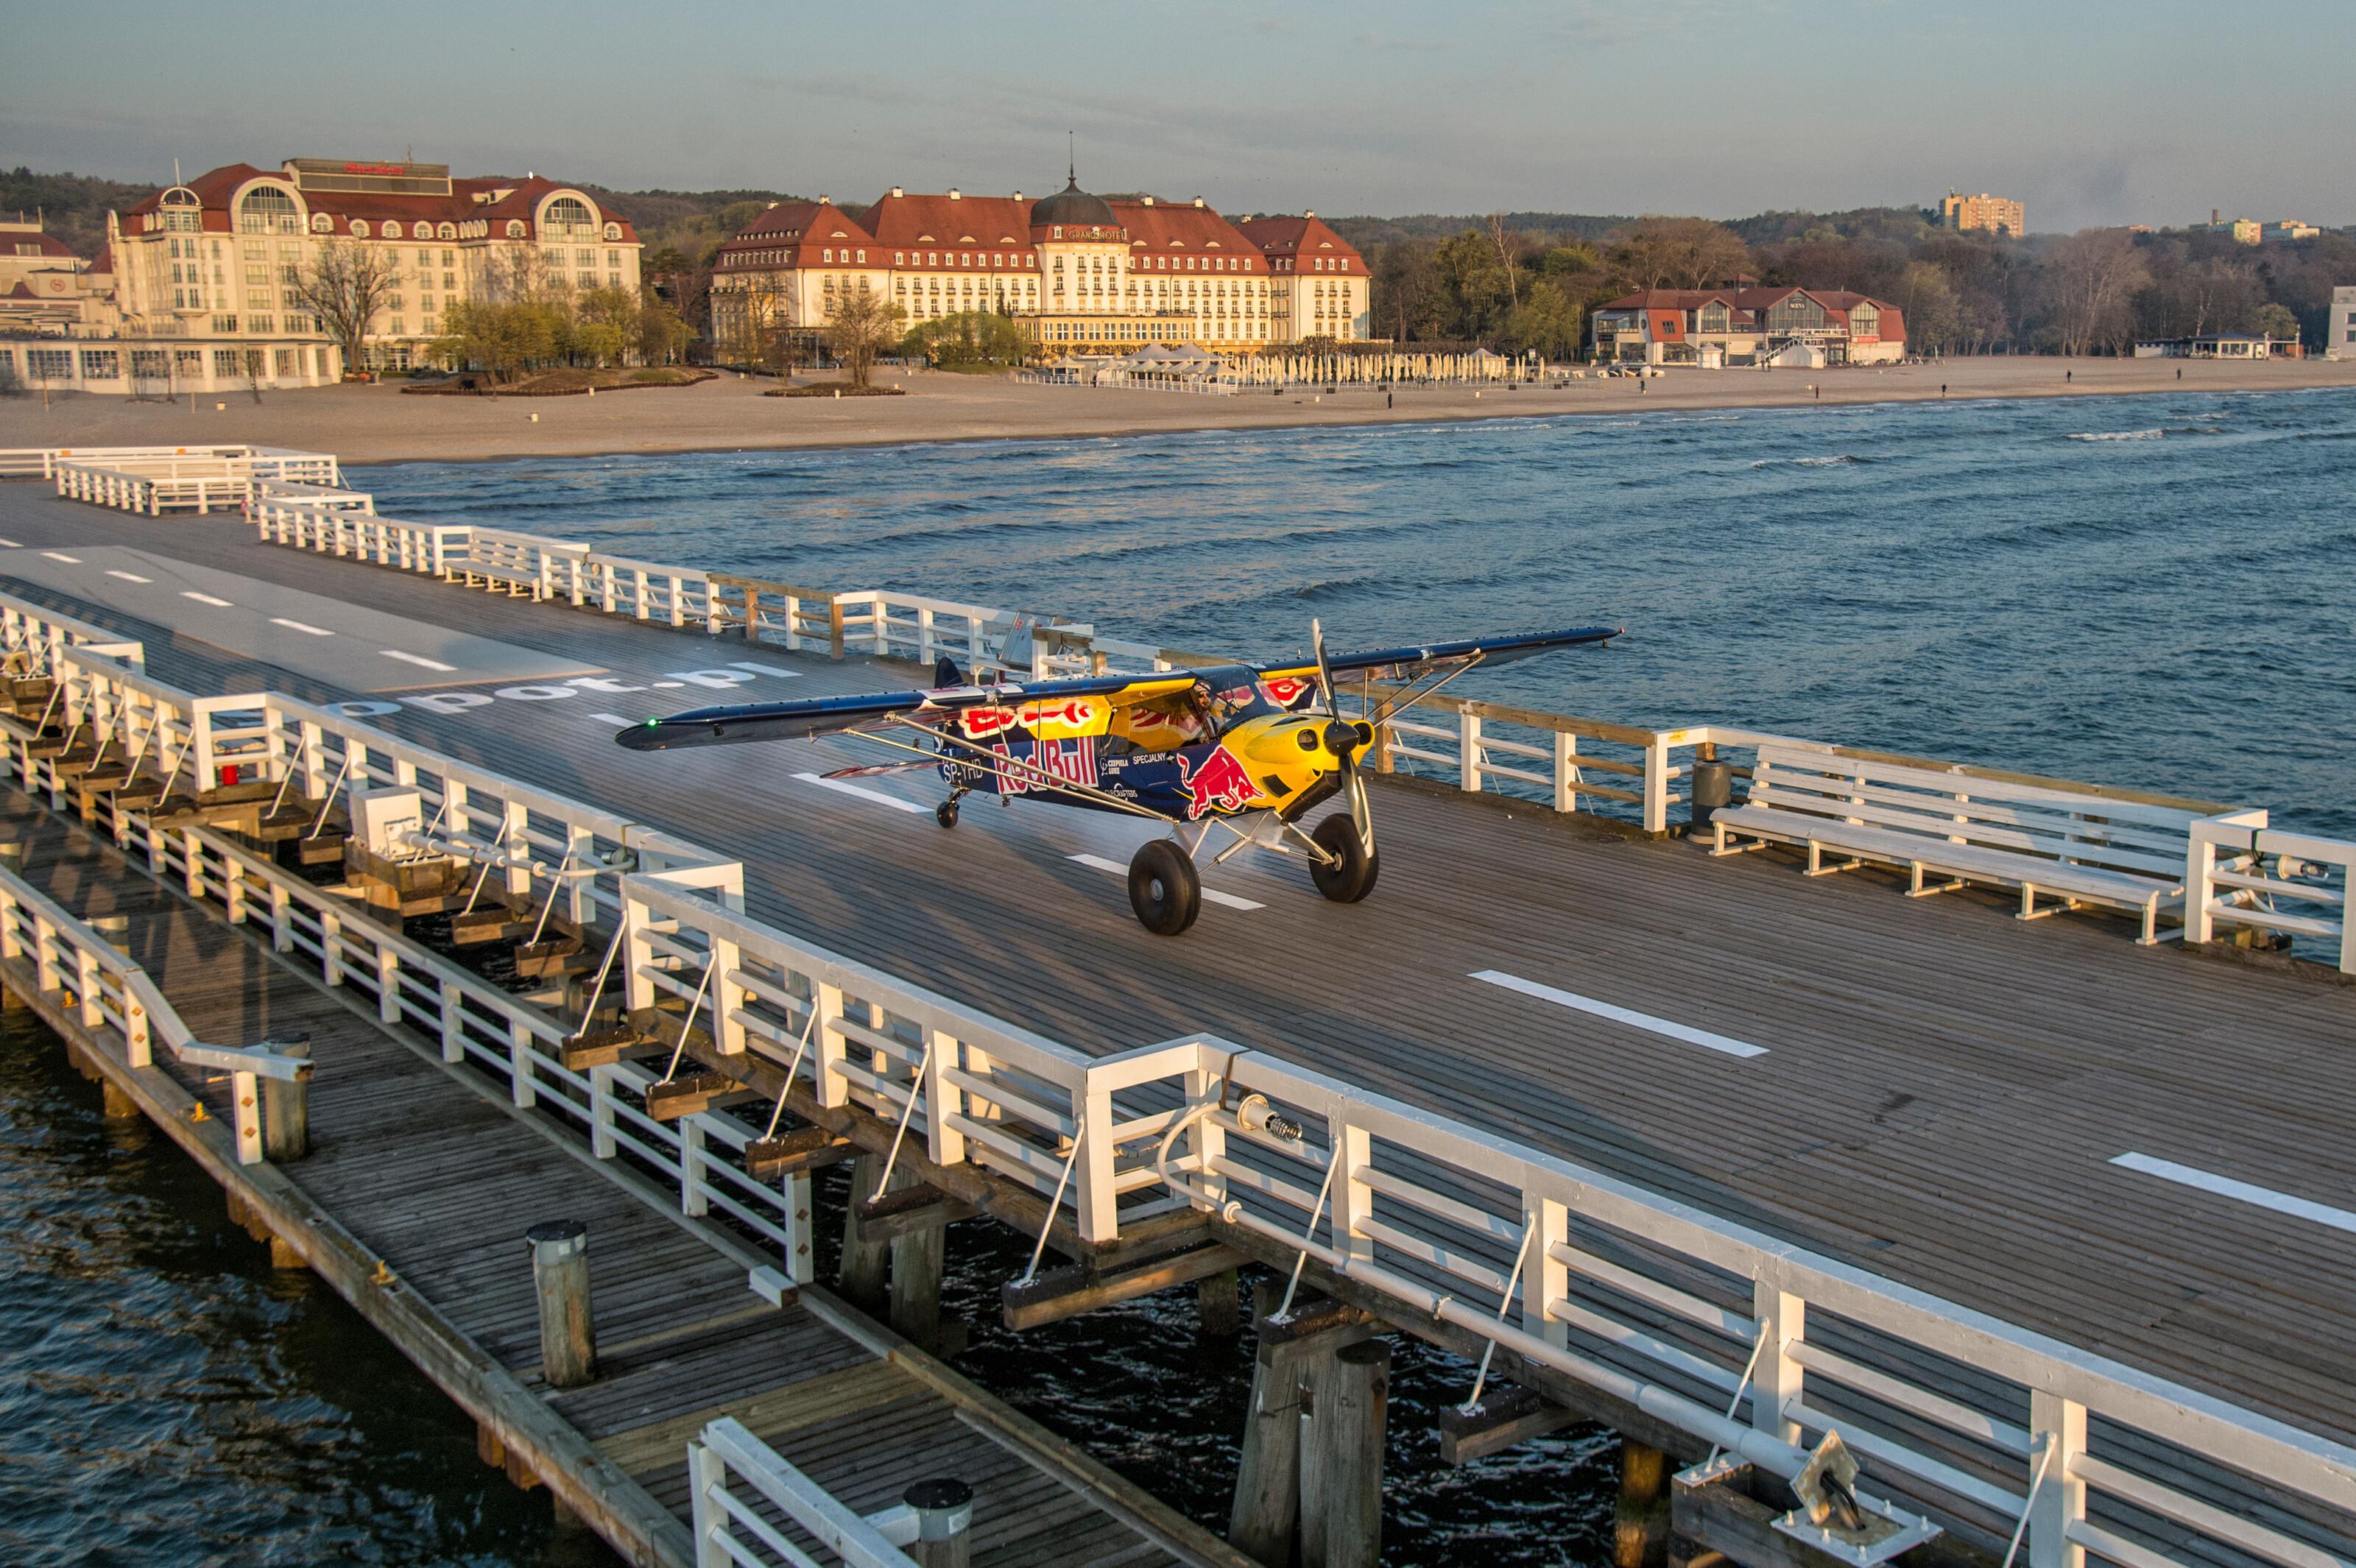 Lądowanie na molo (fot. Łukasz Nazdraczew / Red Bull)